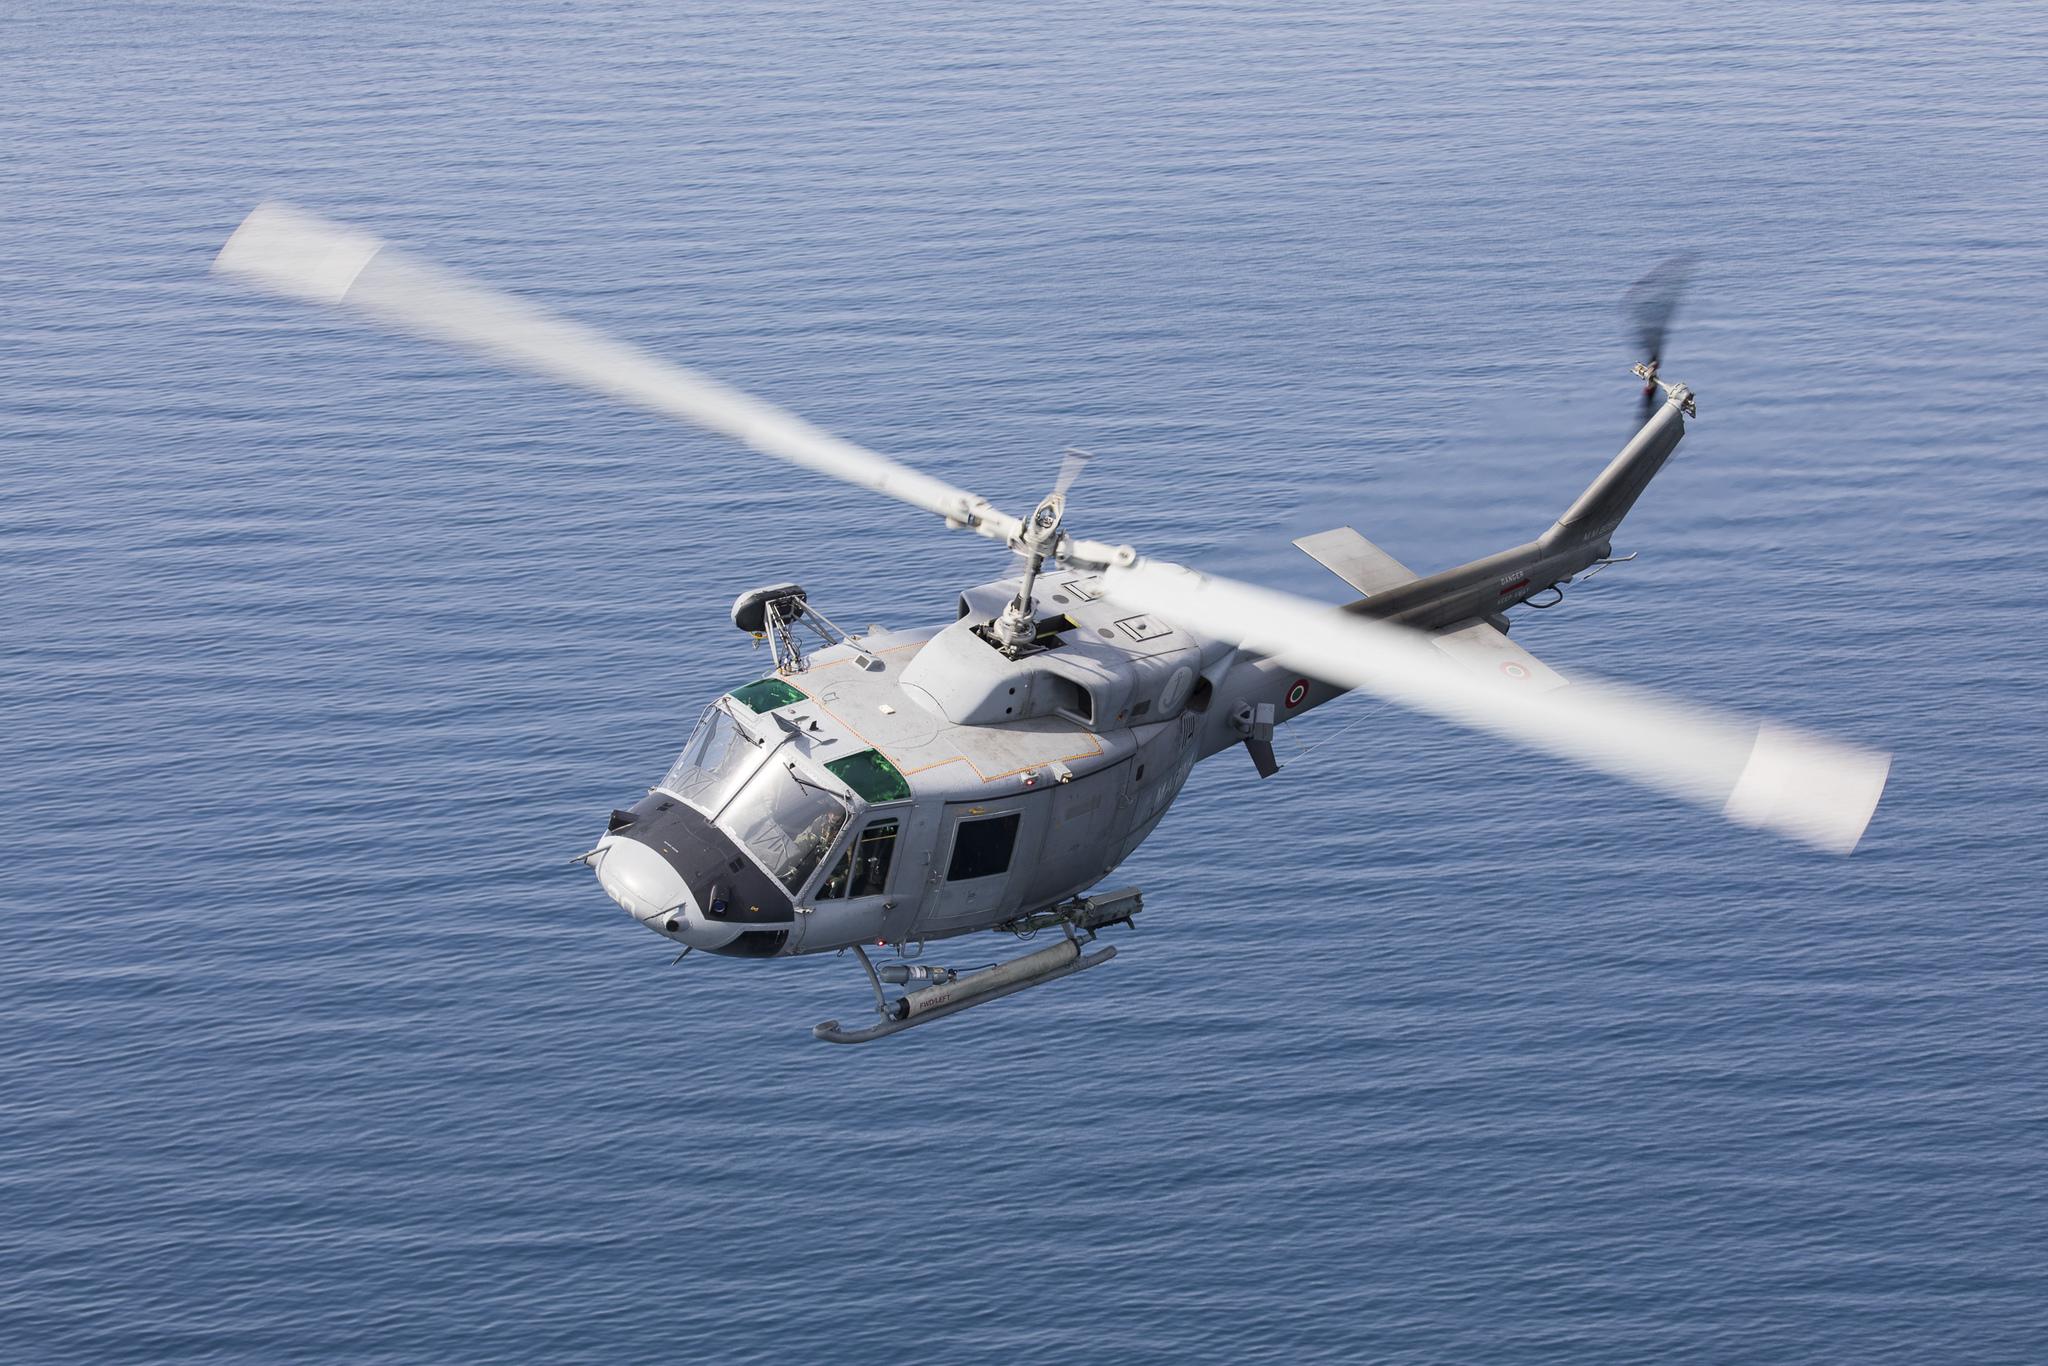 Elicottero Marina Militare : Precipita un elicottero di quot mare sicuro muore